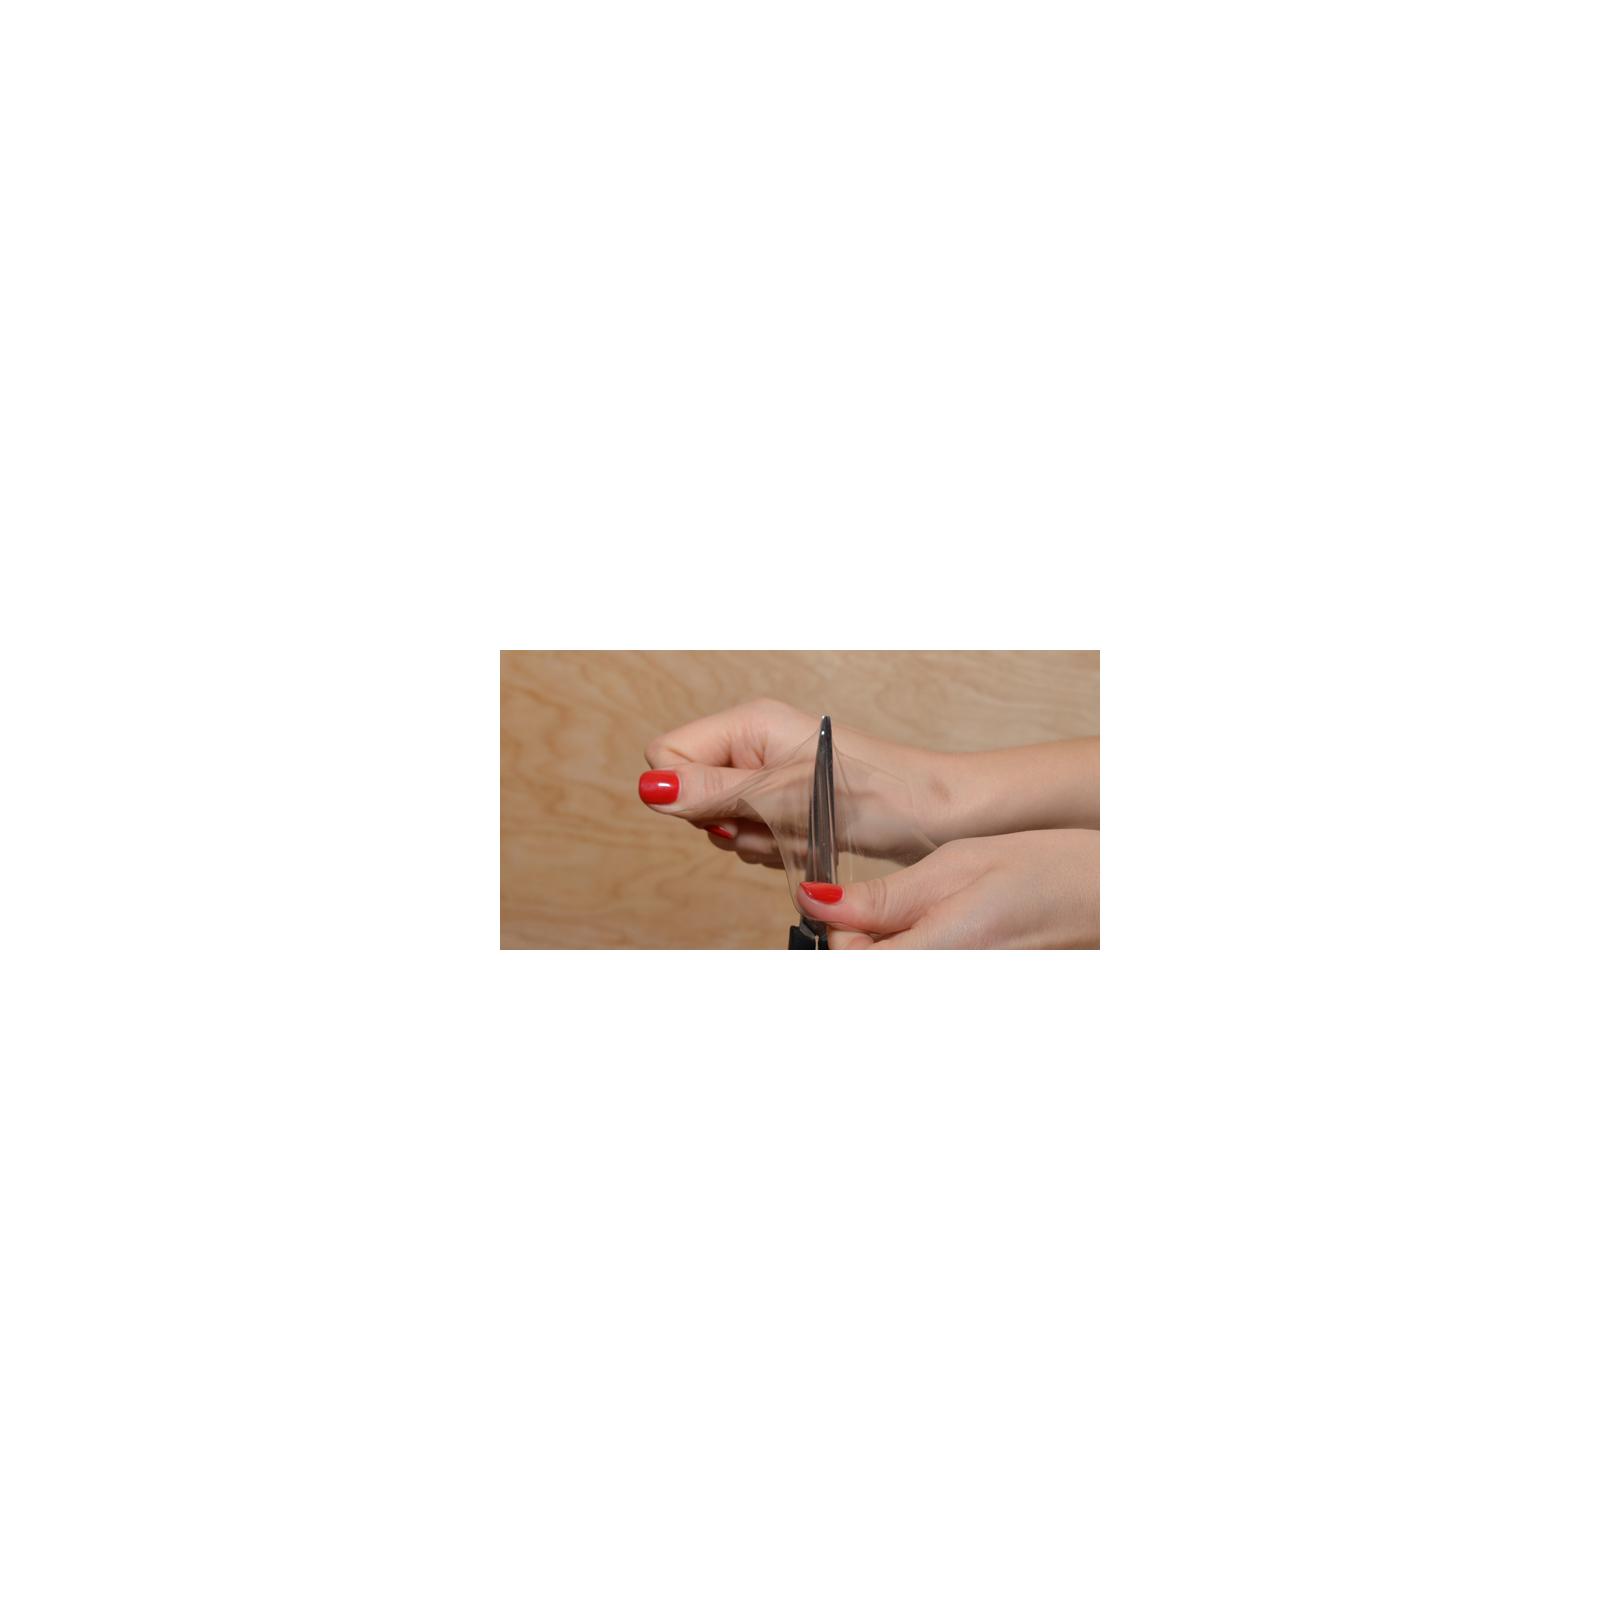 Пленка защитная JINN ультрапрочная Magic Screen для LG Optimus L7 II P715 Dual (LG Optimus L7 II Dual front+back) изображение 4